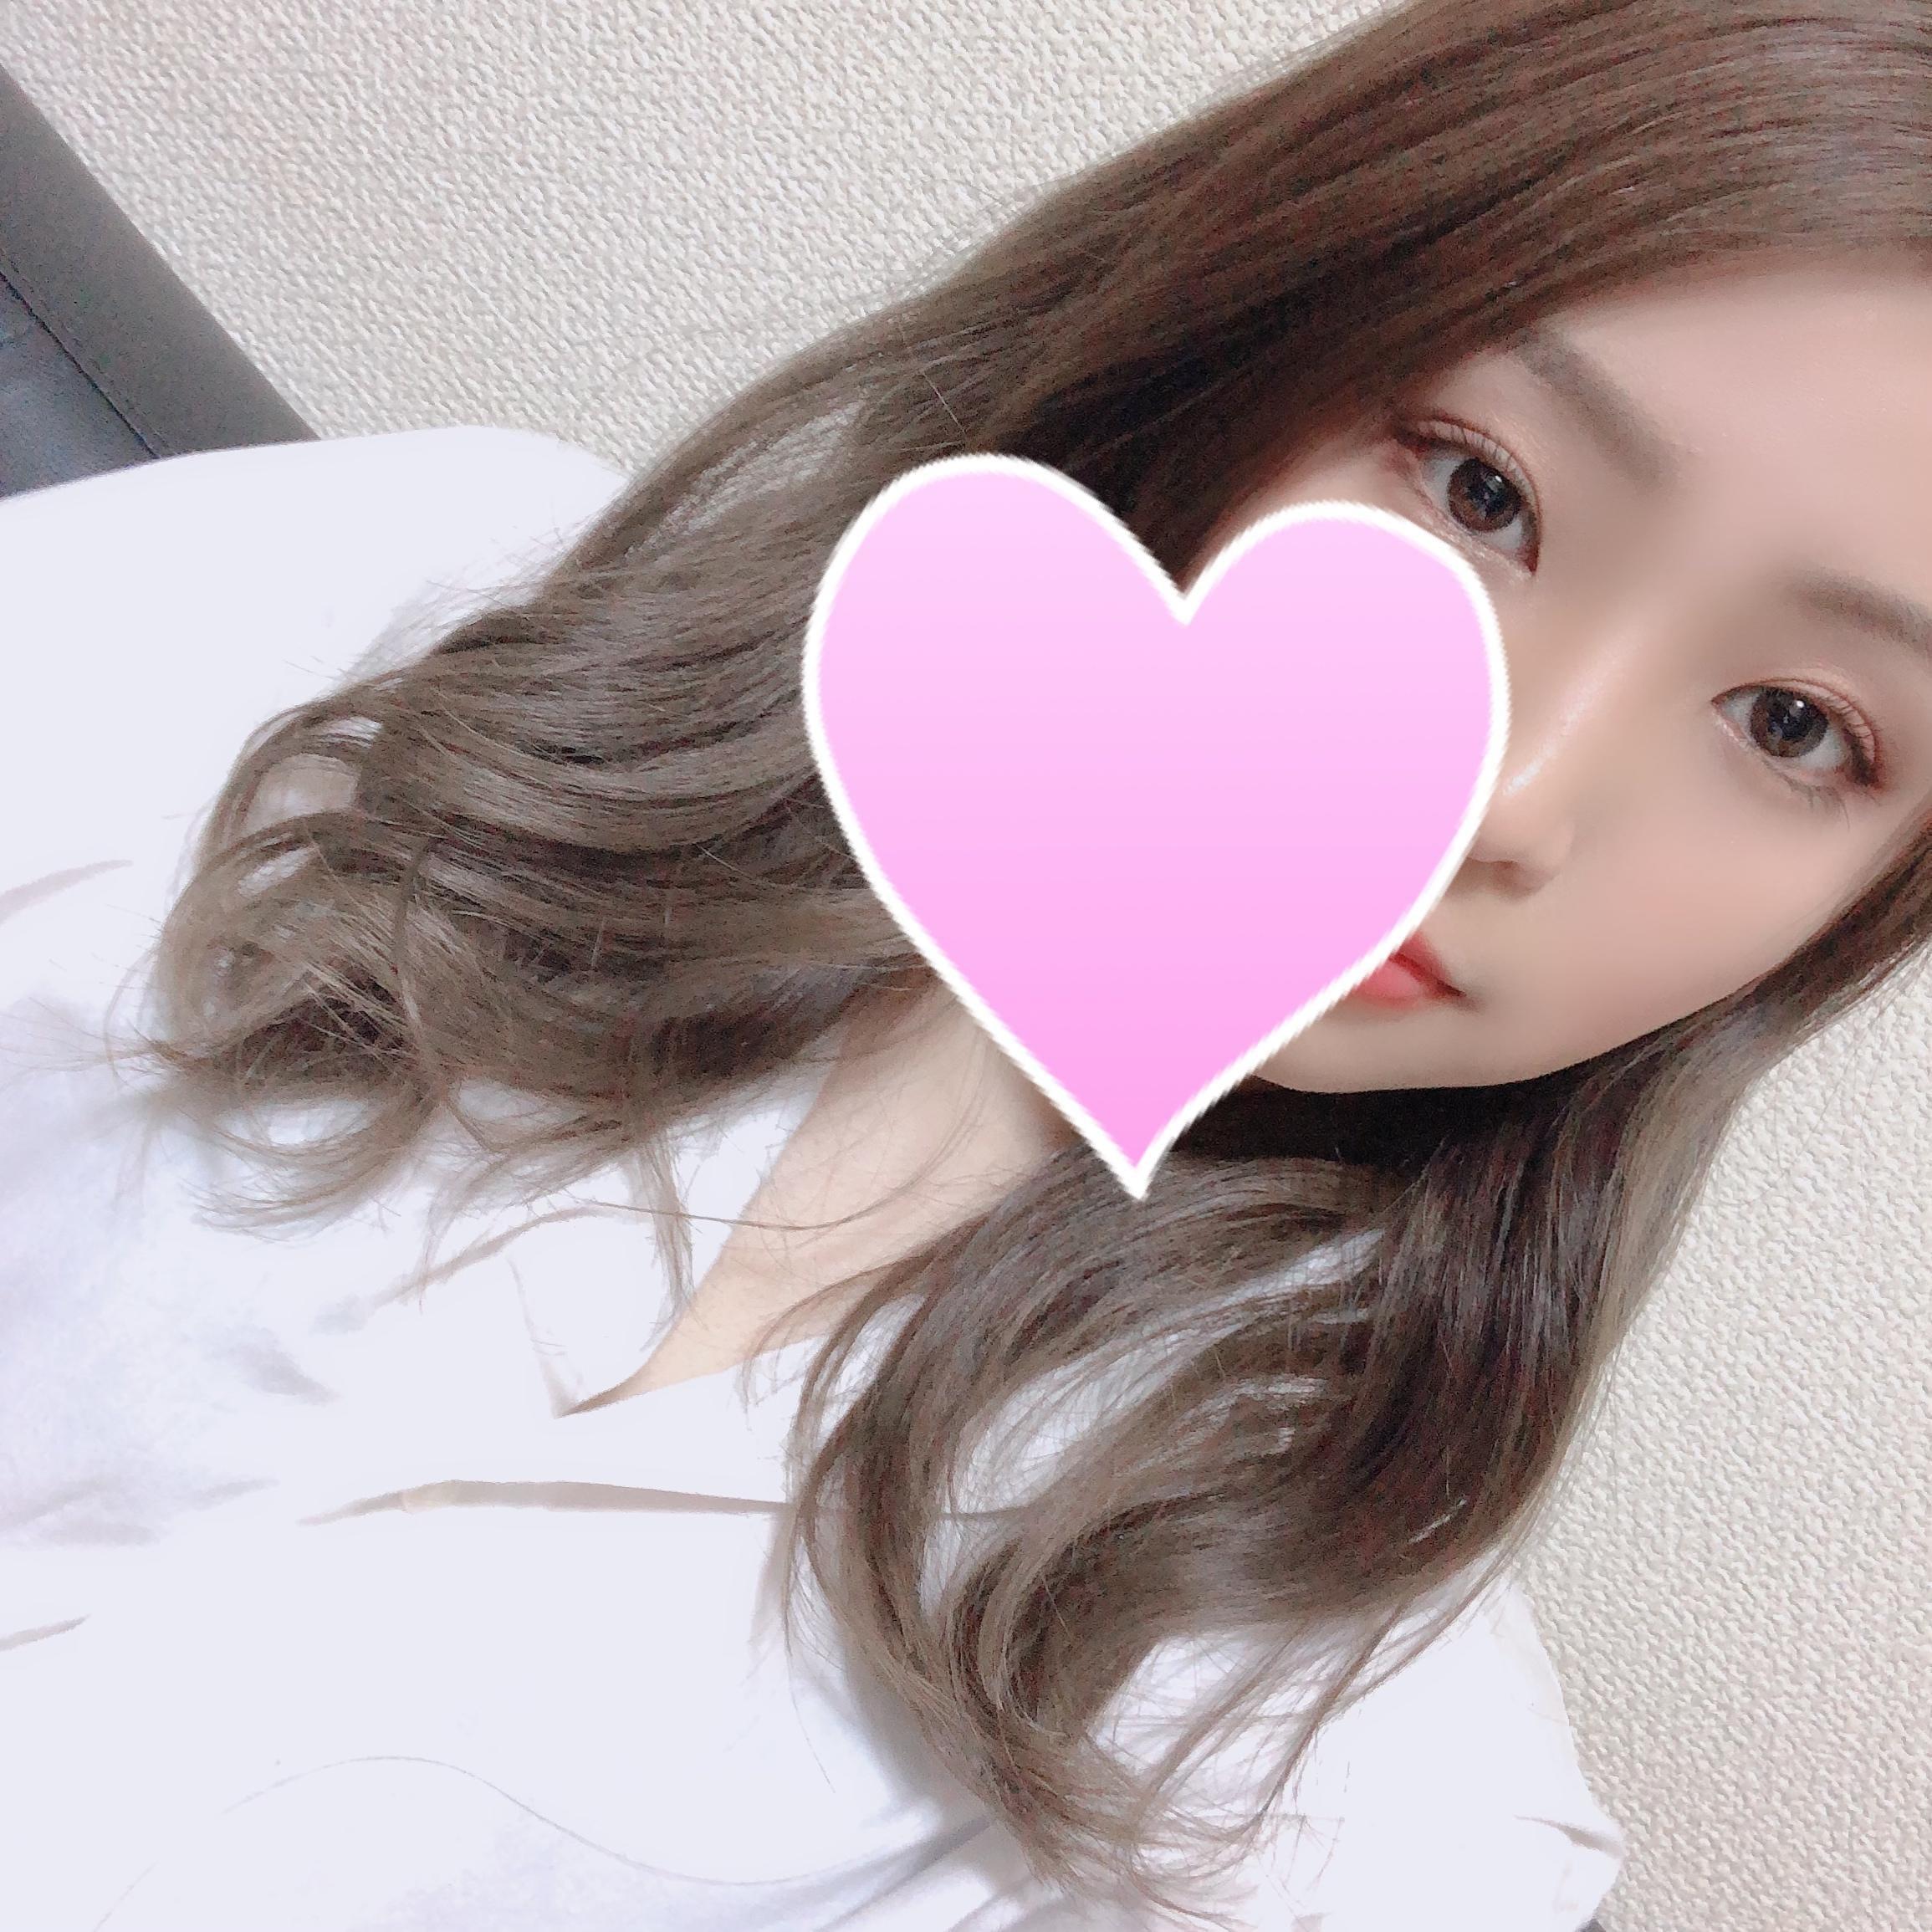 「お礼♥」09/10(09/10) 02:21   みきちゃんの写メ・風俗動画